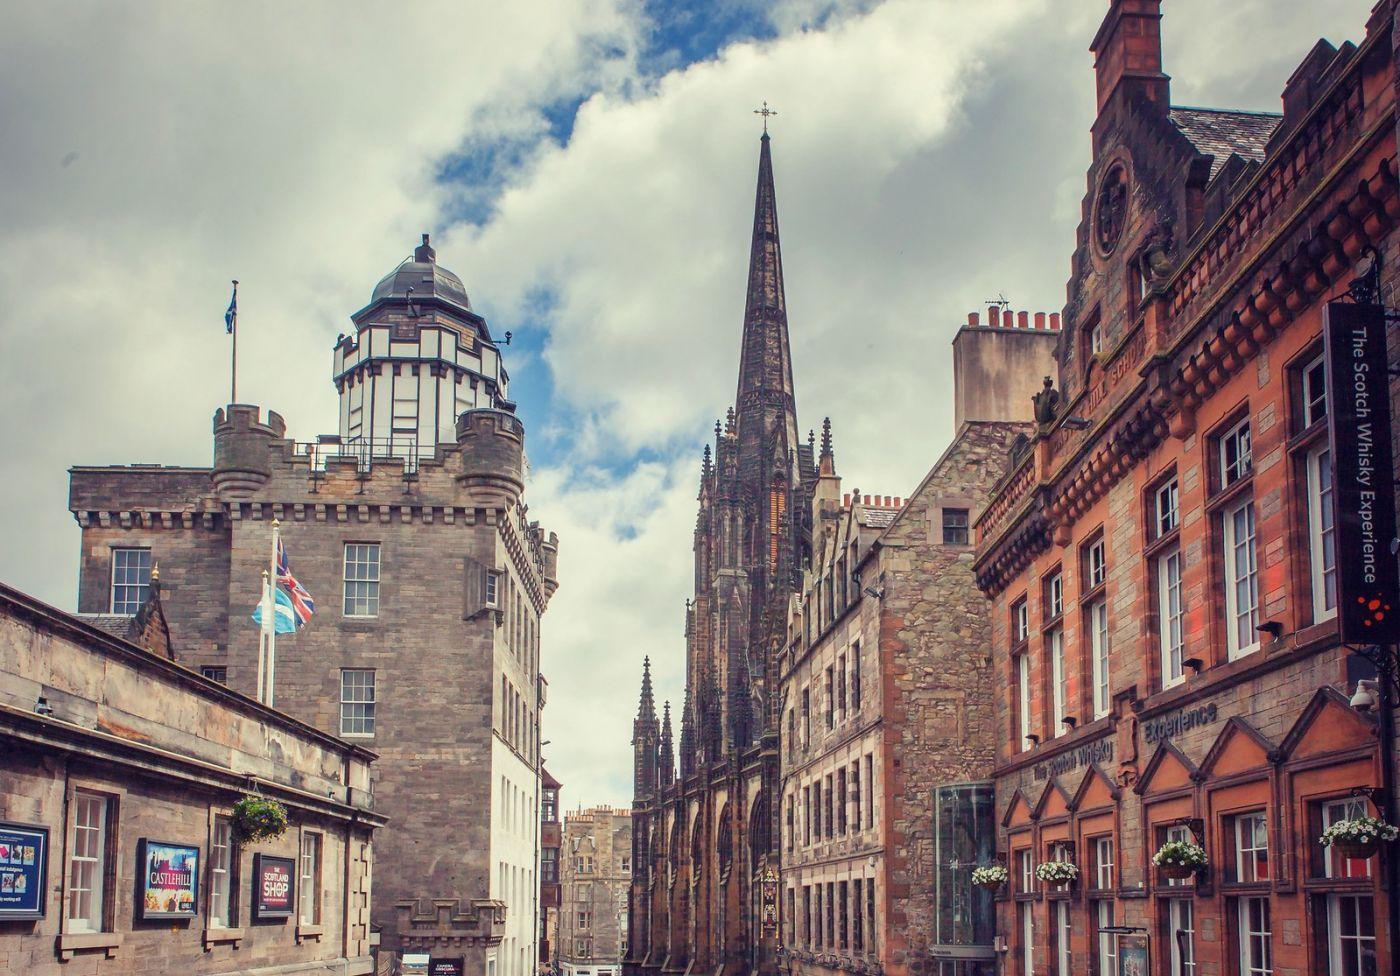 苏格兰爱丁堡,老城市老文化_图1-19